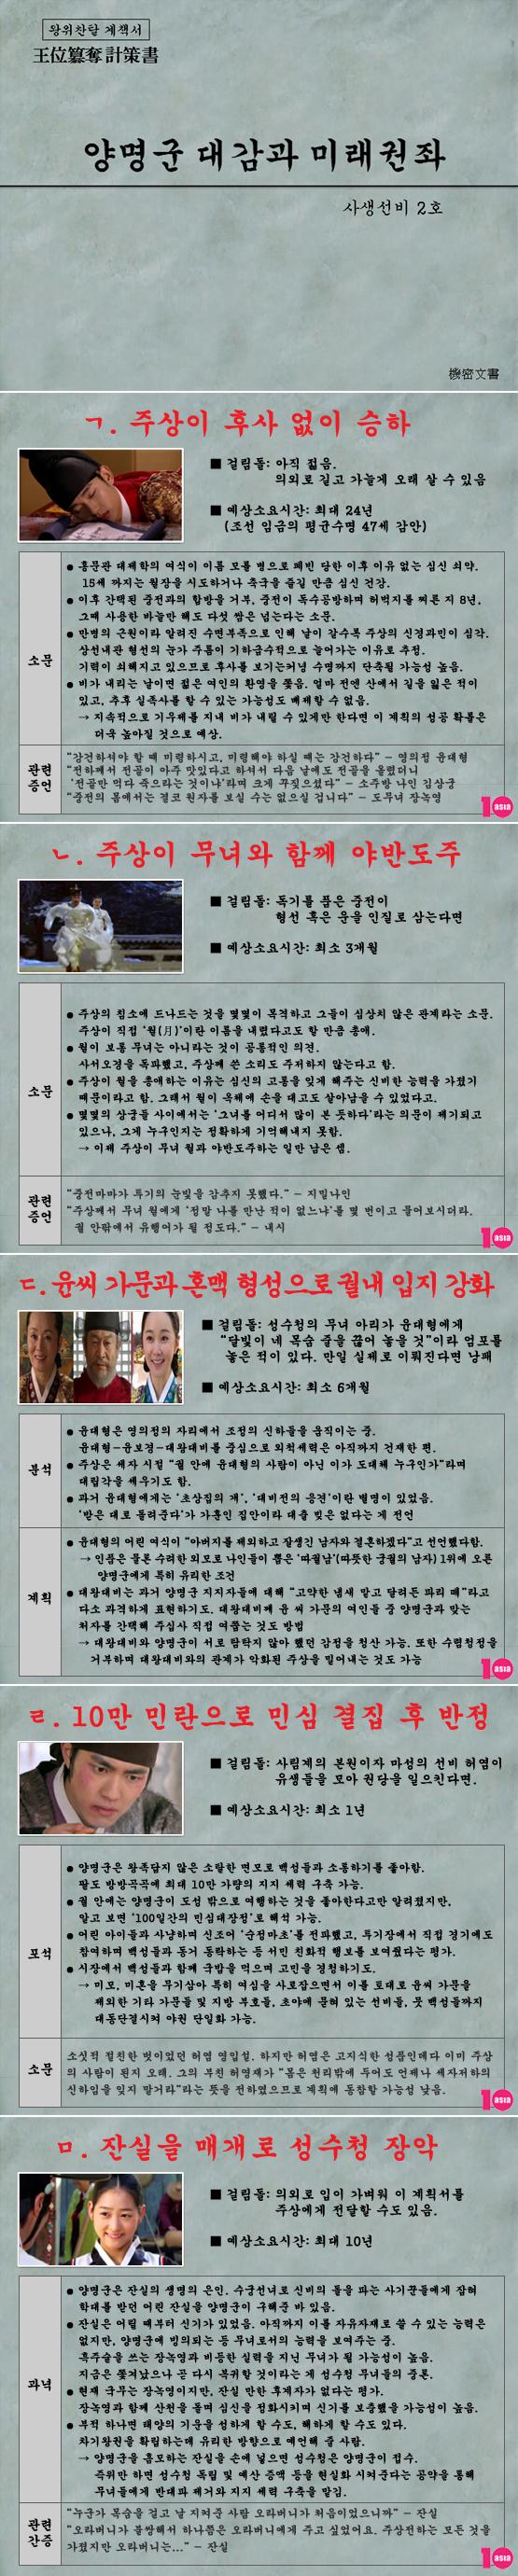 왕위찬탈 계책서 <양명군 대감과 미래권좌>